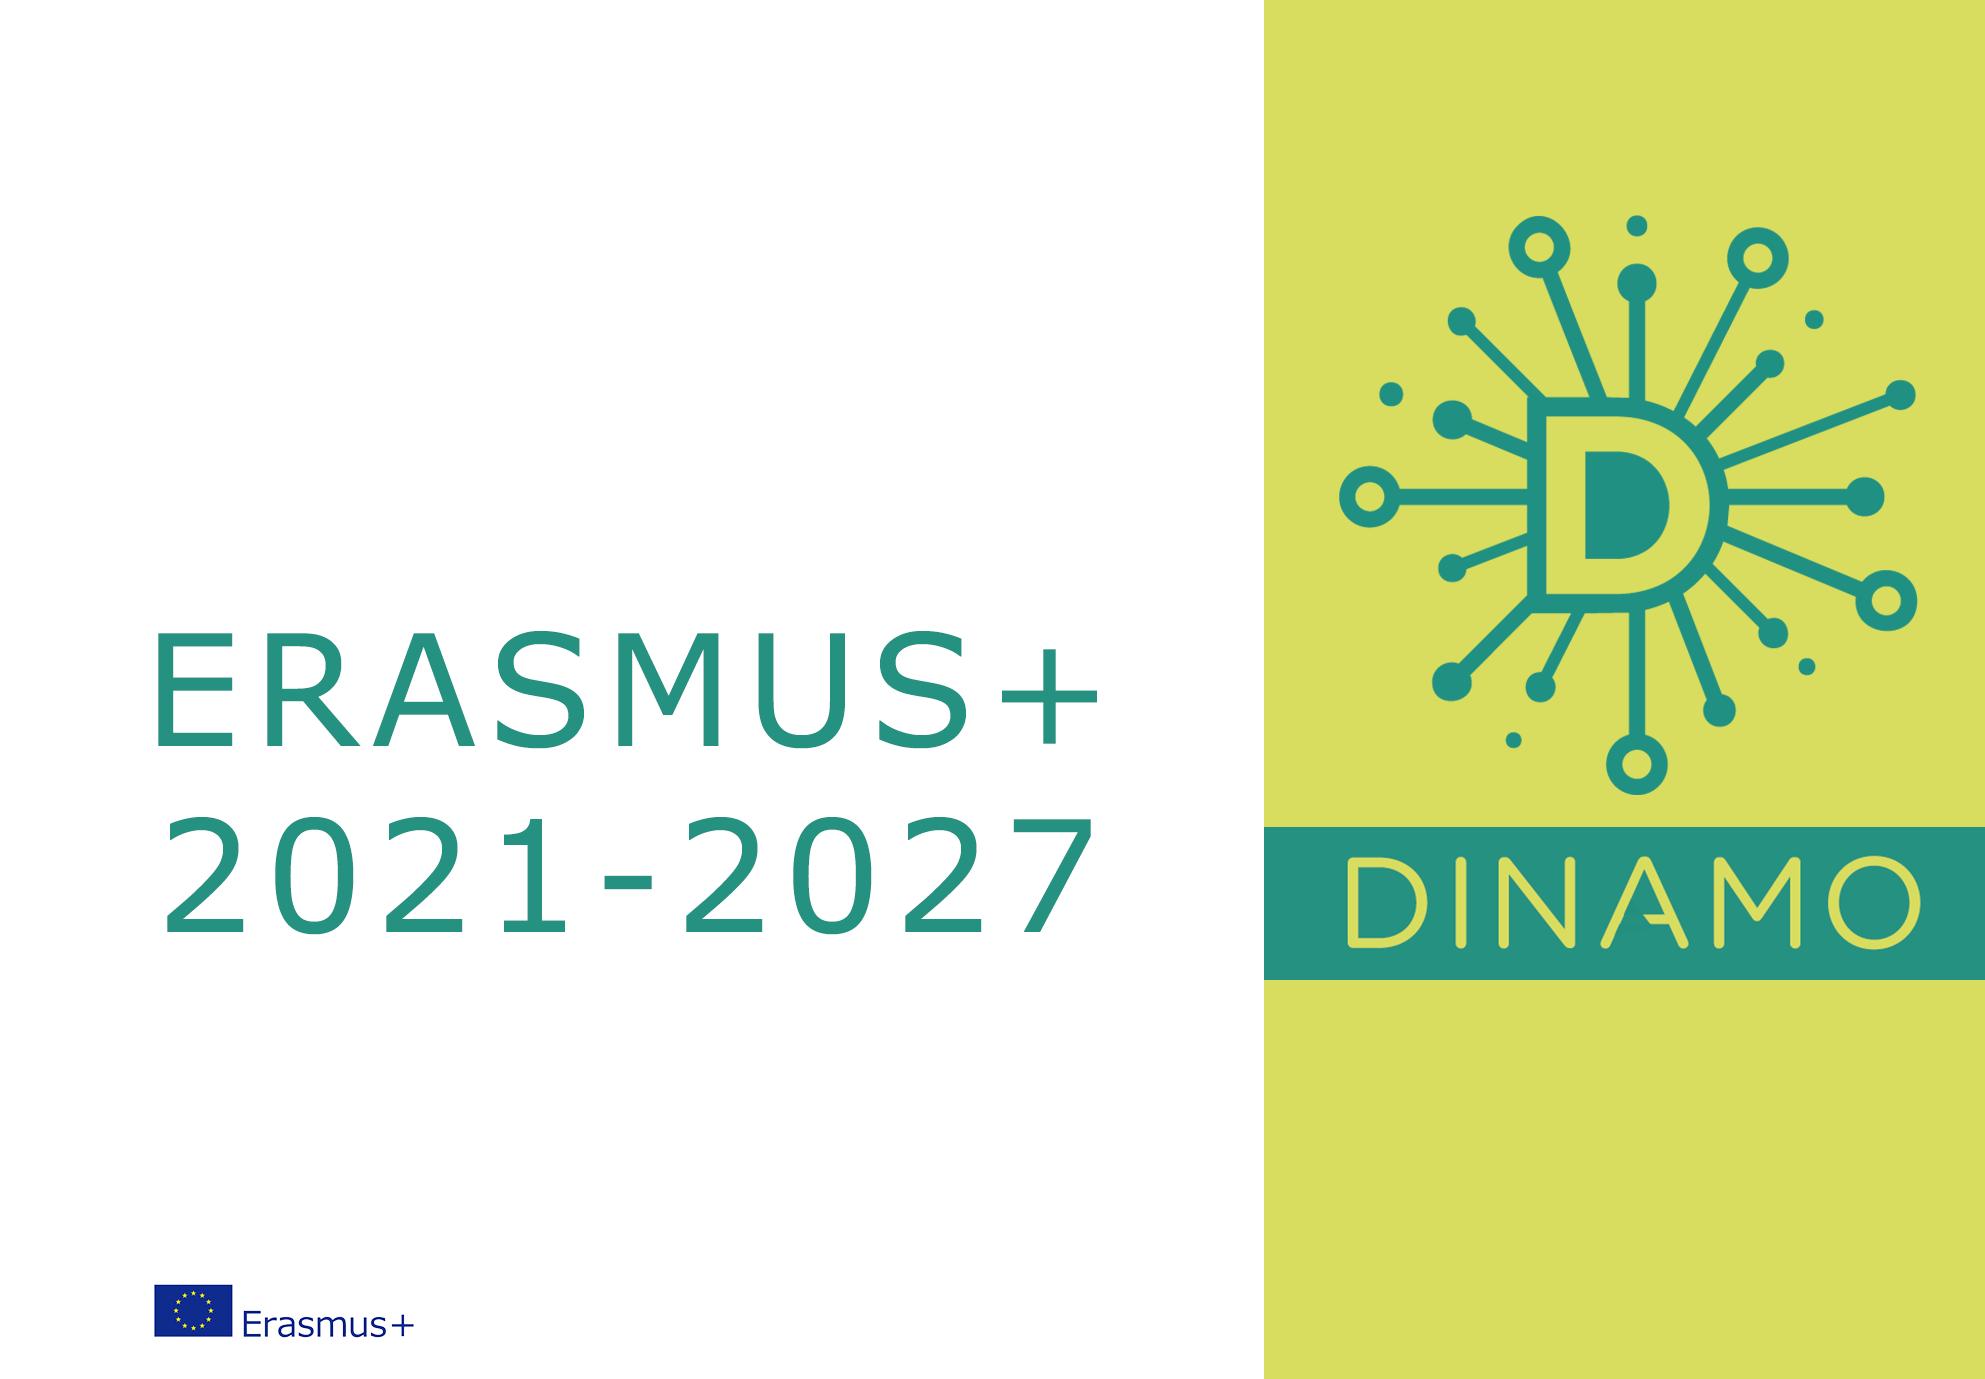 Erasmus+ 2021/2027 ouverture le 20 avril